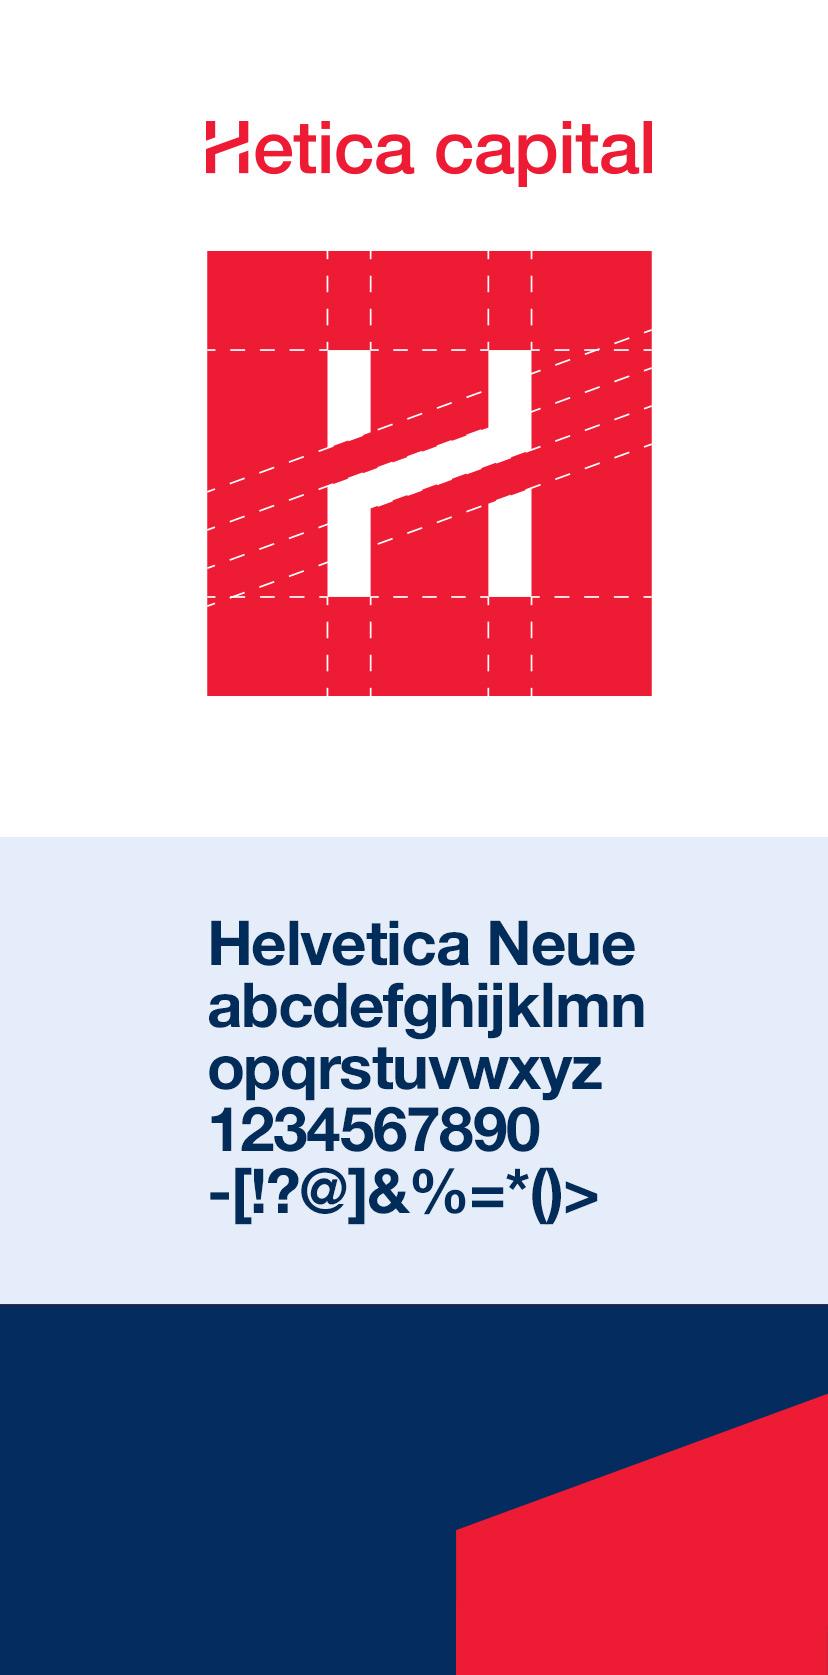 HET_S_branding